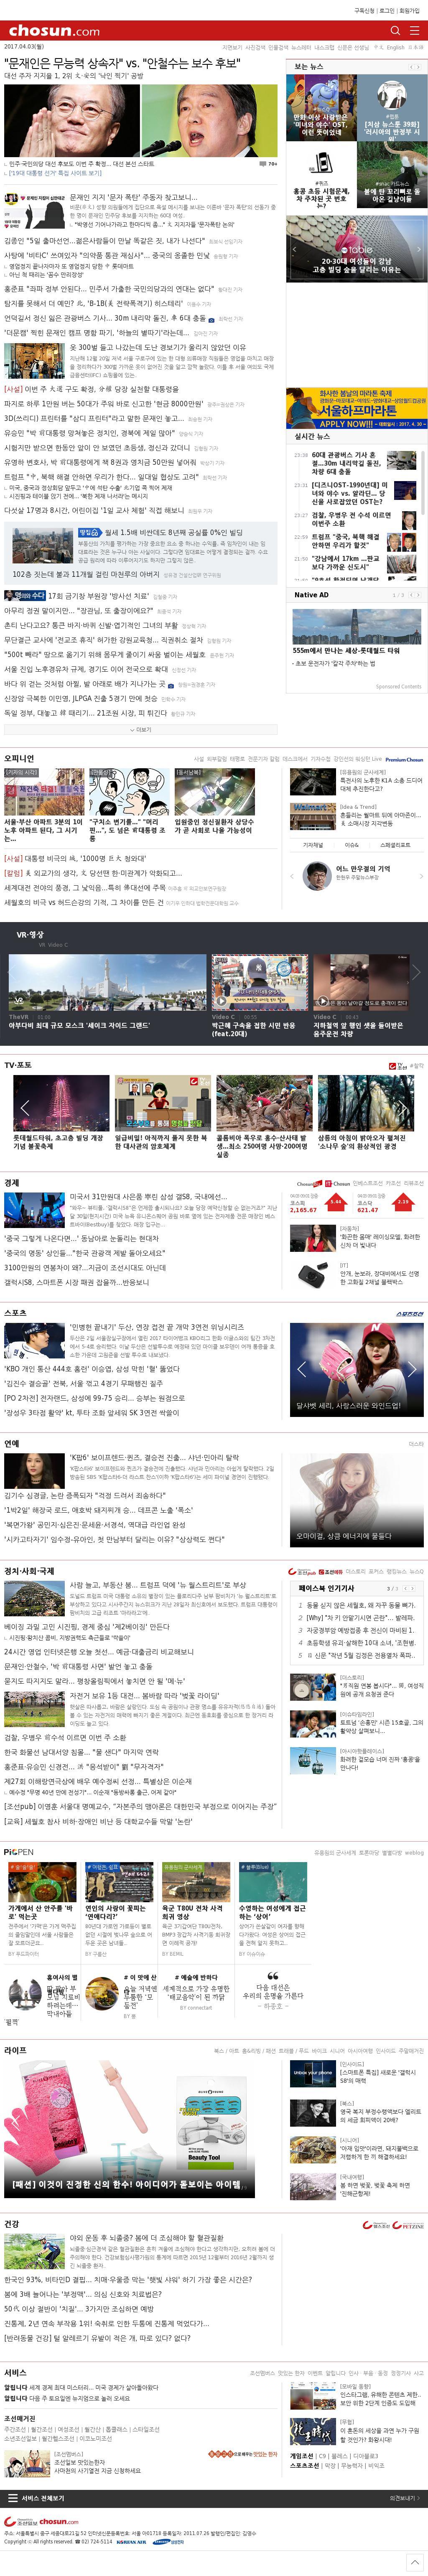 chosun.com at Monday April 3, 2017, 12:03 a.m. UTC